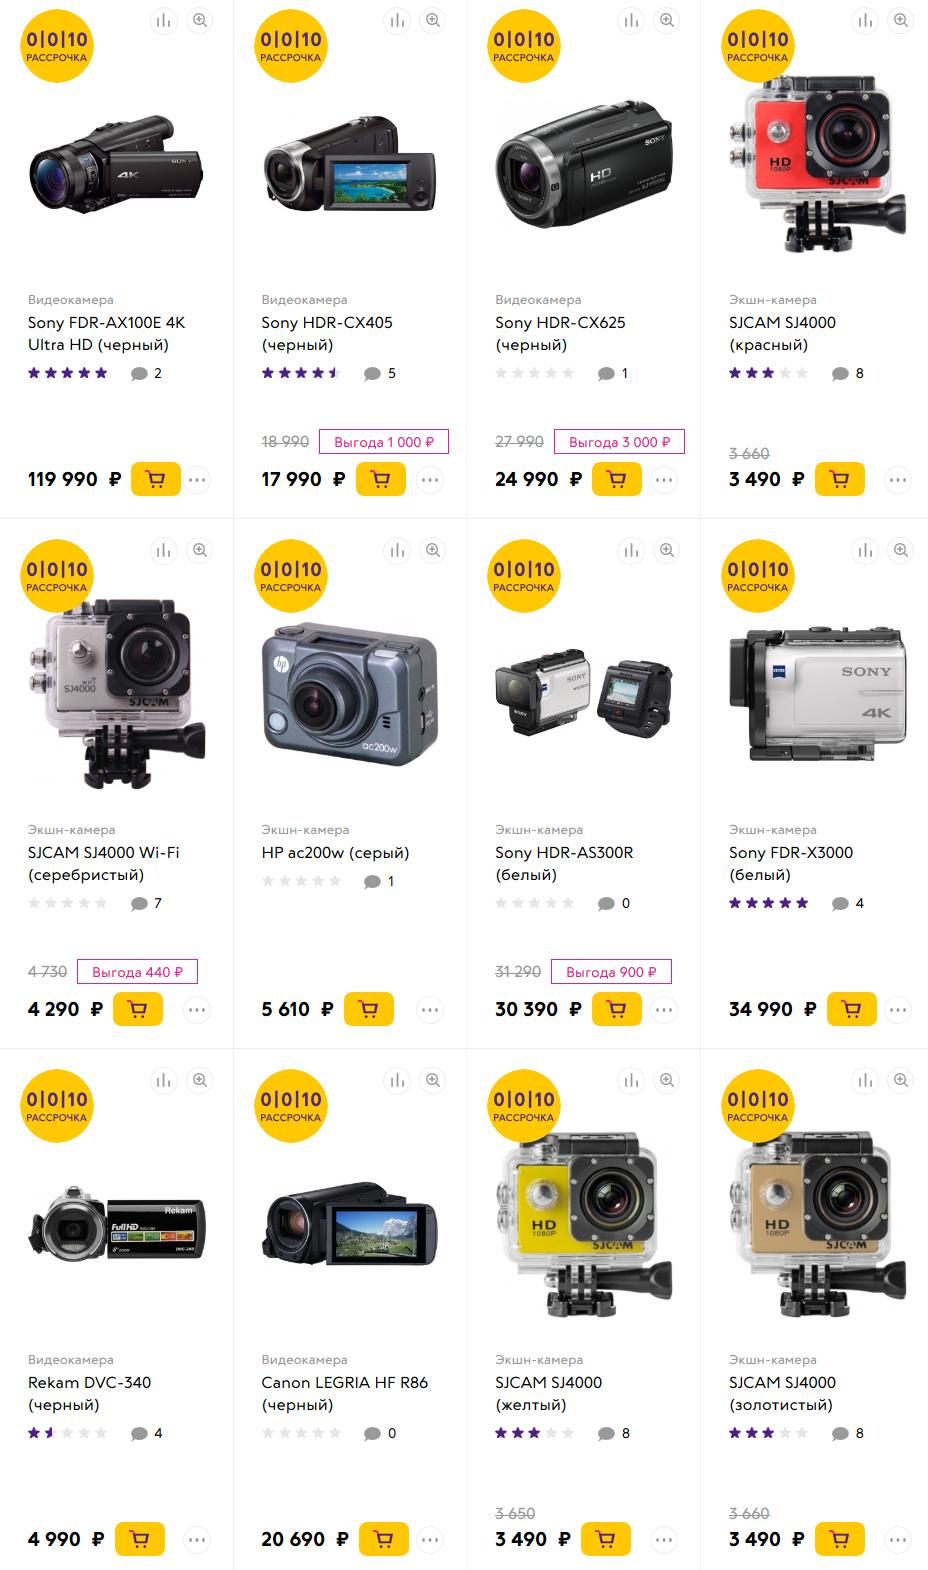 видеокамеры 2